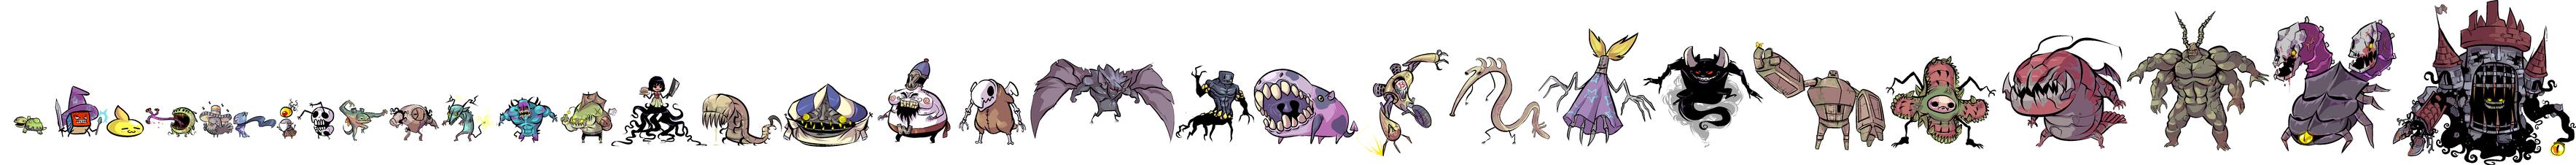 Monsters by ShwigityShwonShwei